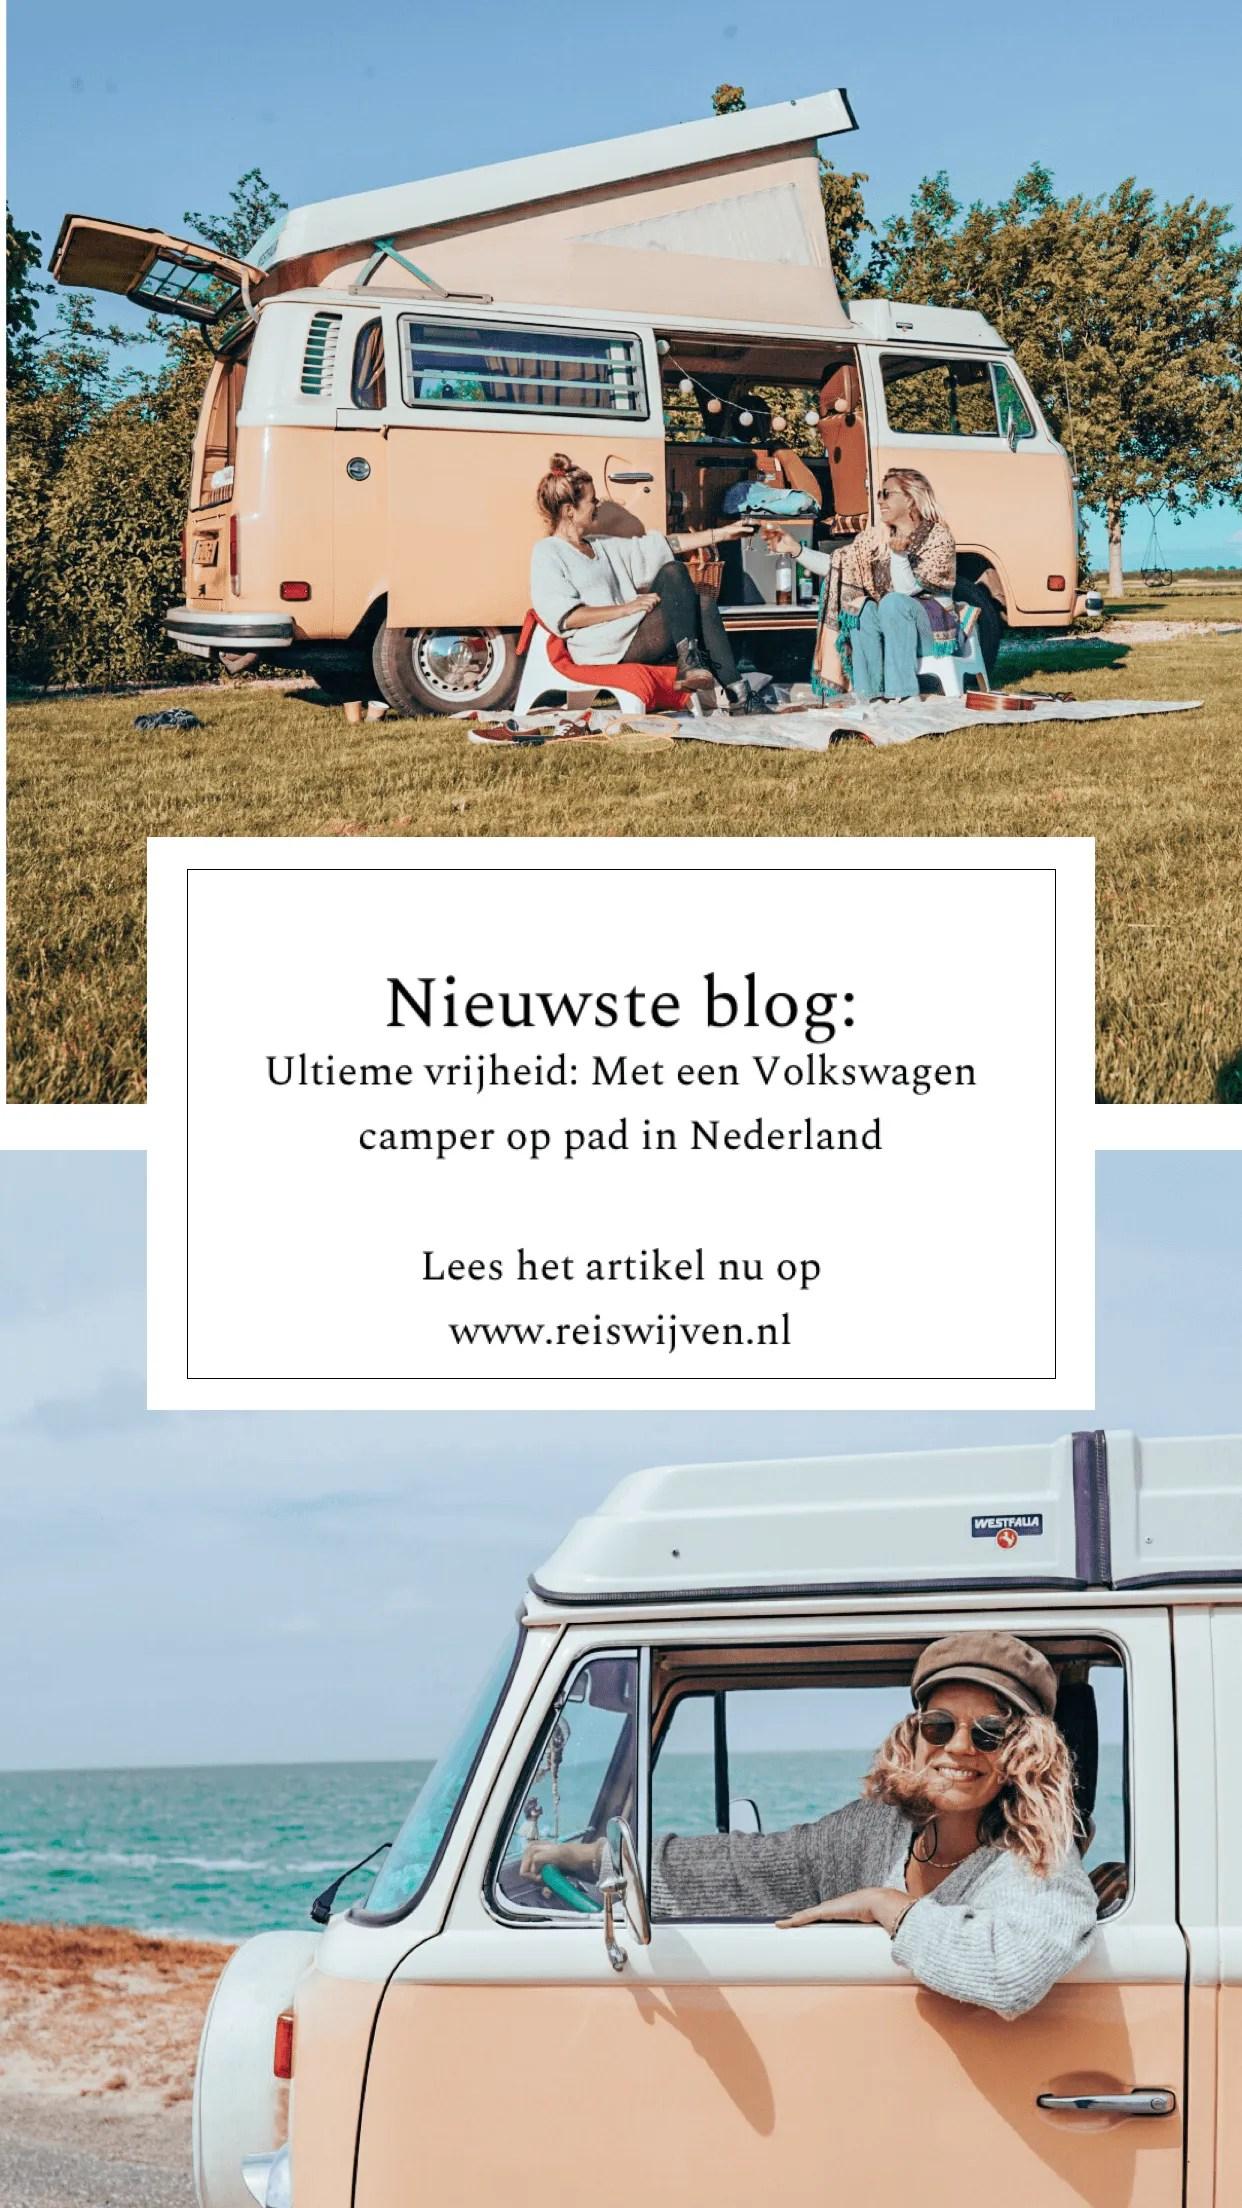 devolkswagenbus.nl